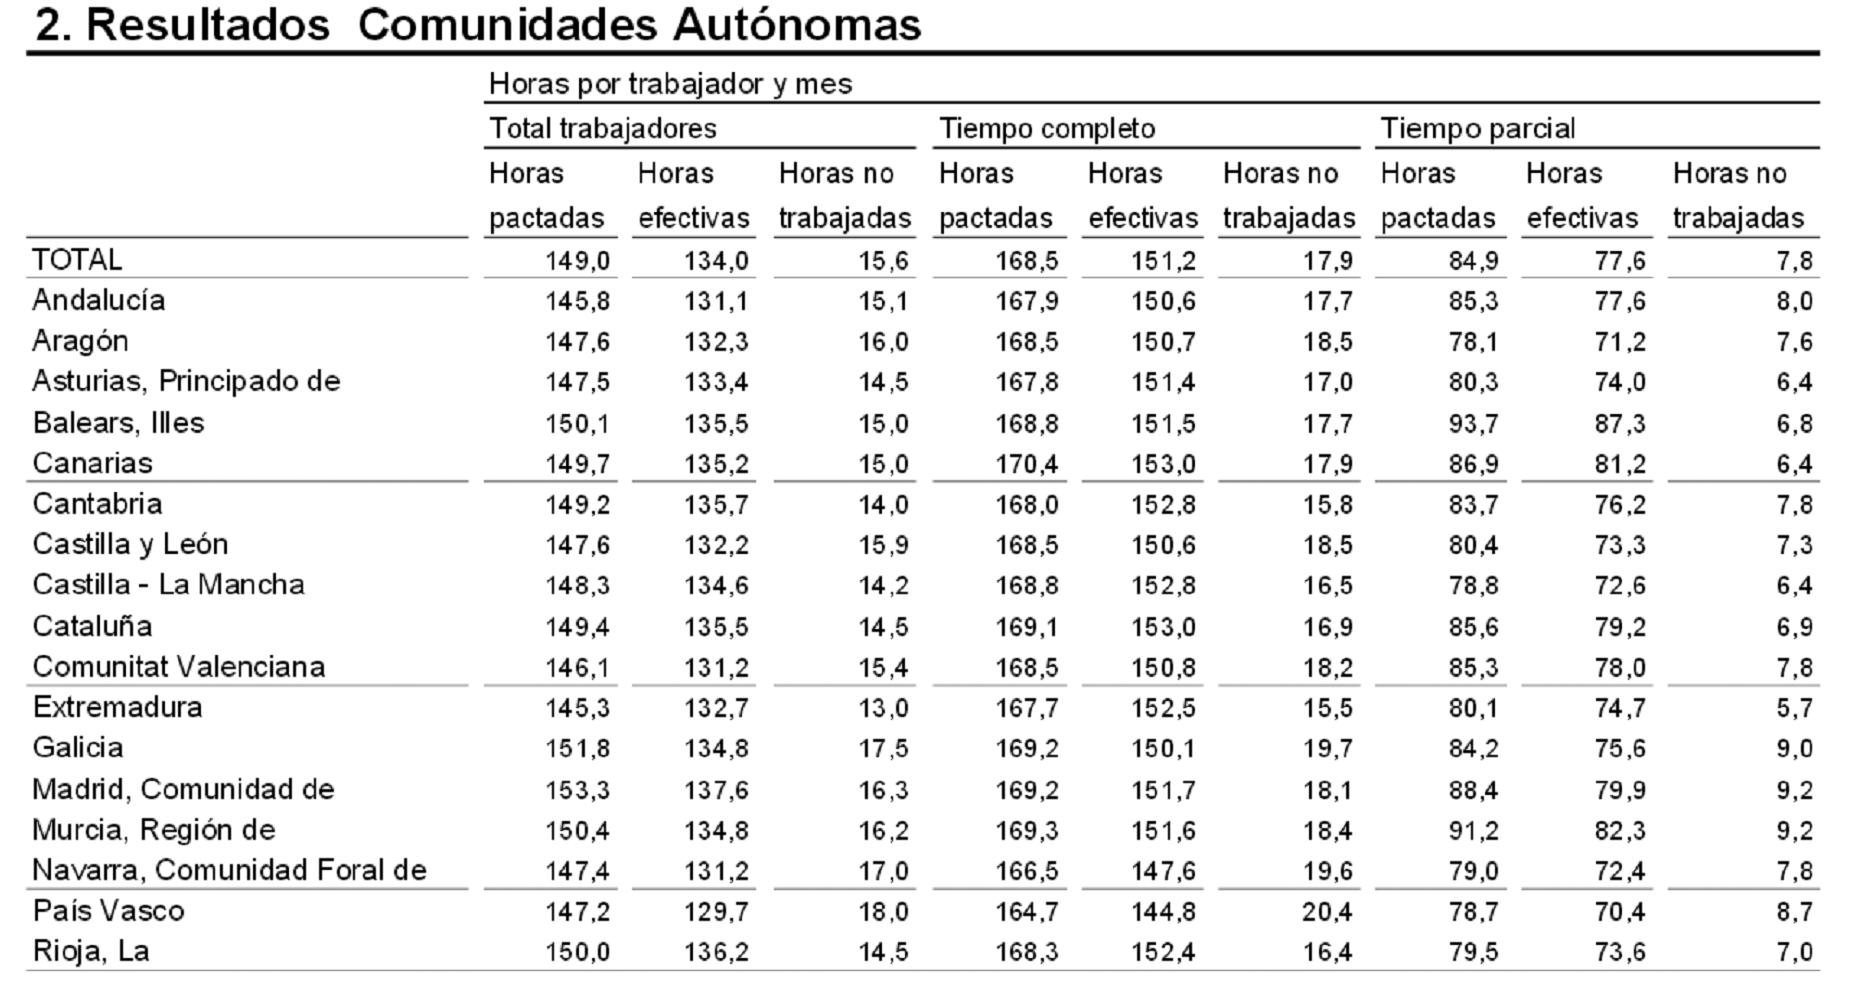 Número de horas trabajadas en cada Comunidad Autónoma